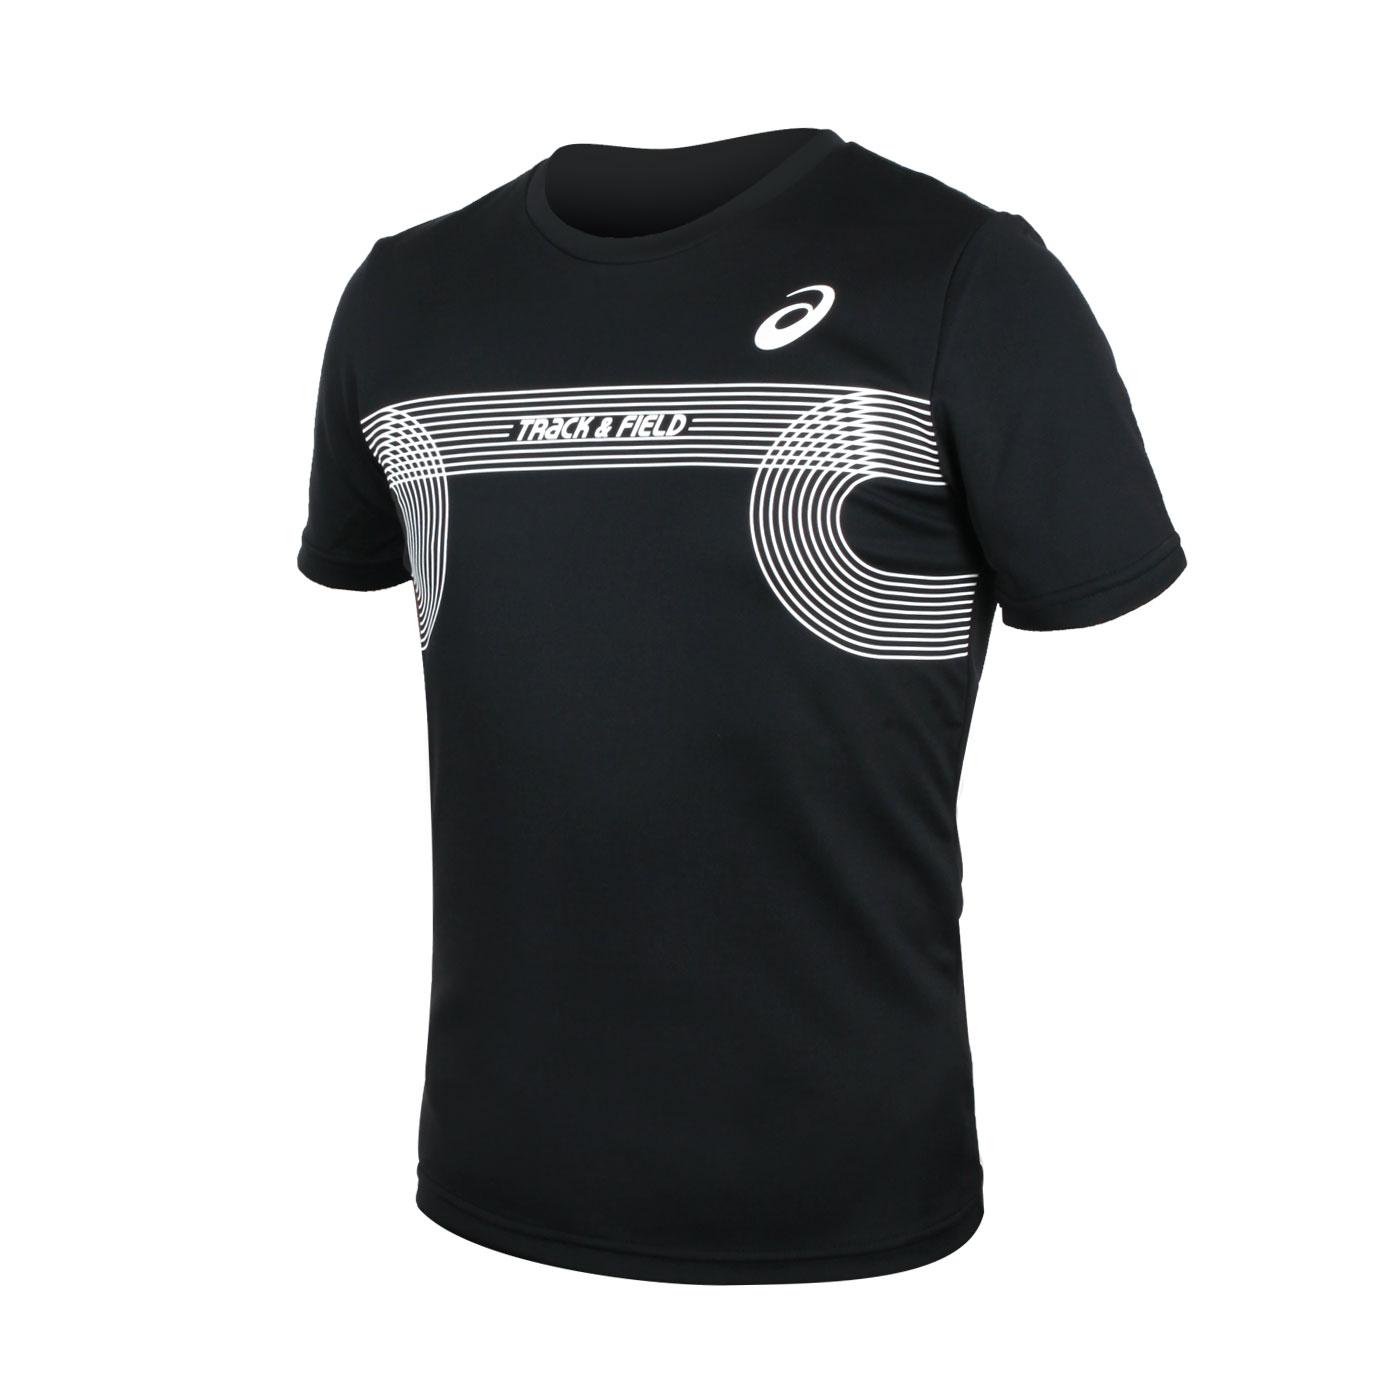 ASICS 男款田徑短袖T恤(附轉印貼) 2091A384-001 - 黑白